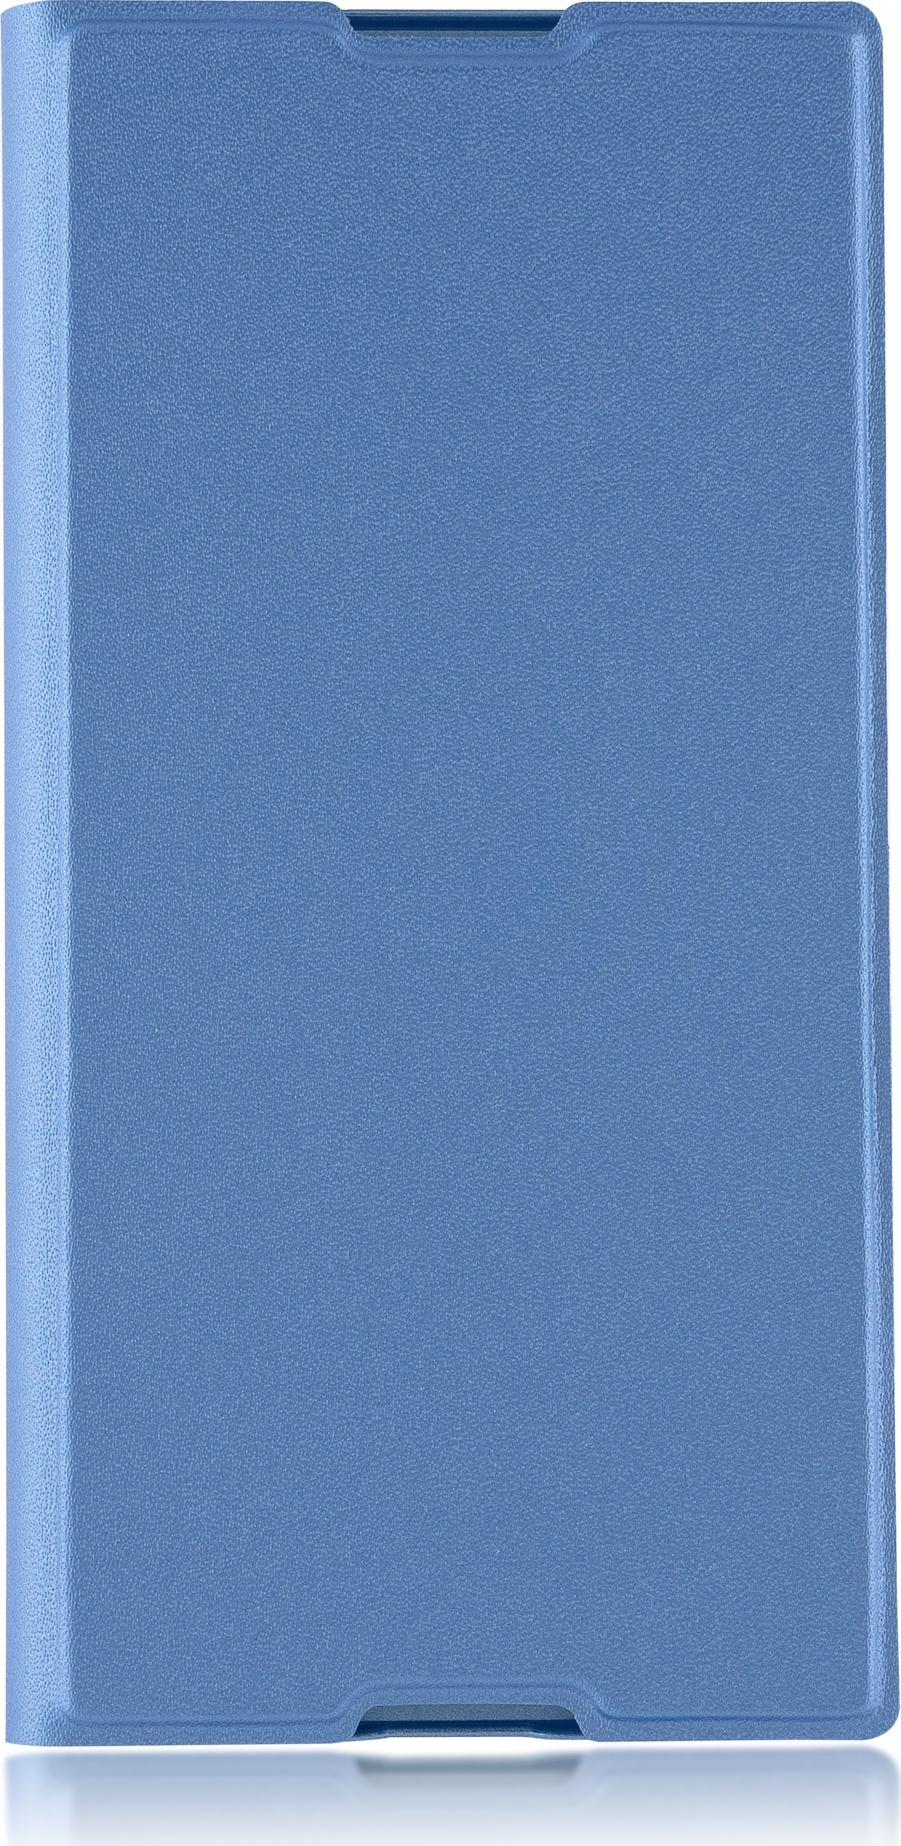 Чехол Brosco Book для Sony Xperia XA1 Plus, голубой комплектующие и запчасти для ноутбуков sony tablet z2 sgp511 512 541 z1